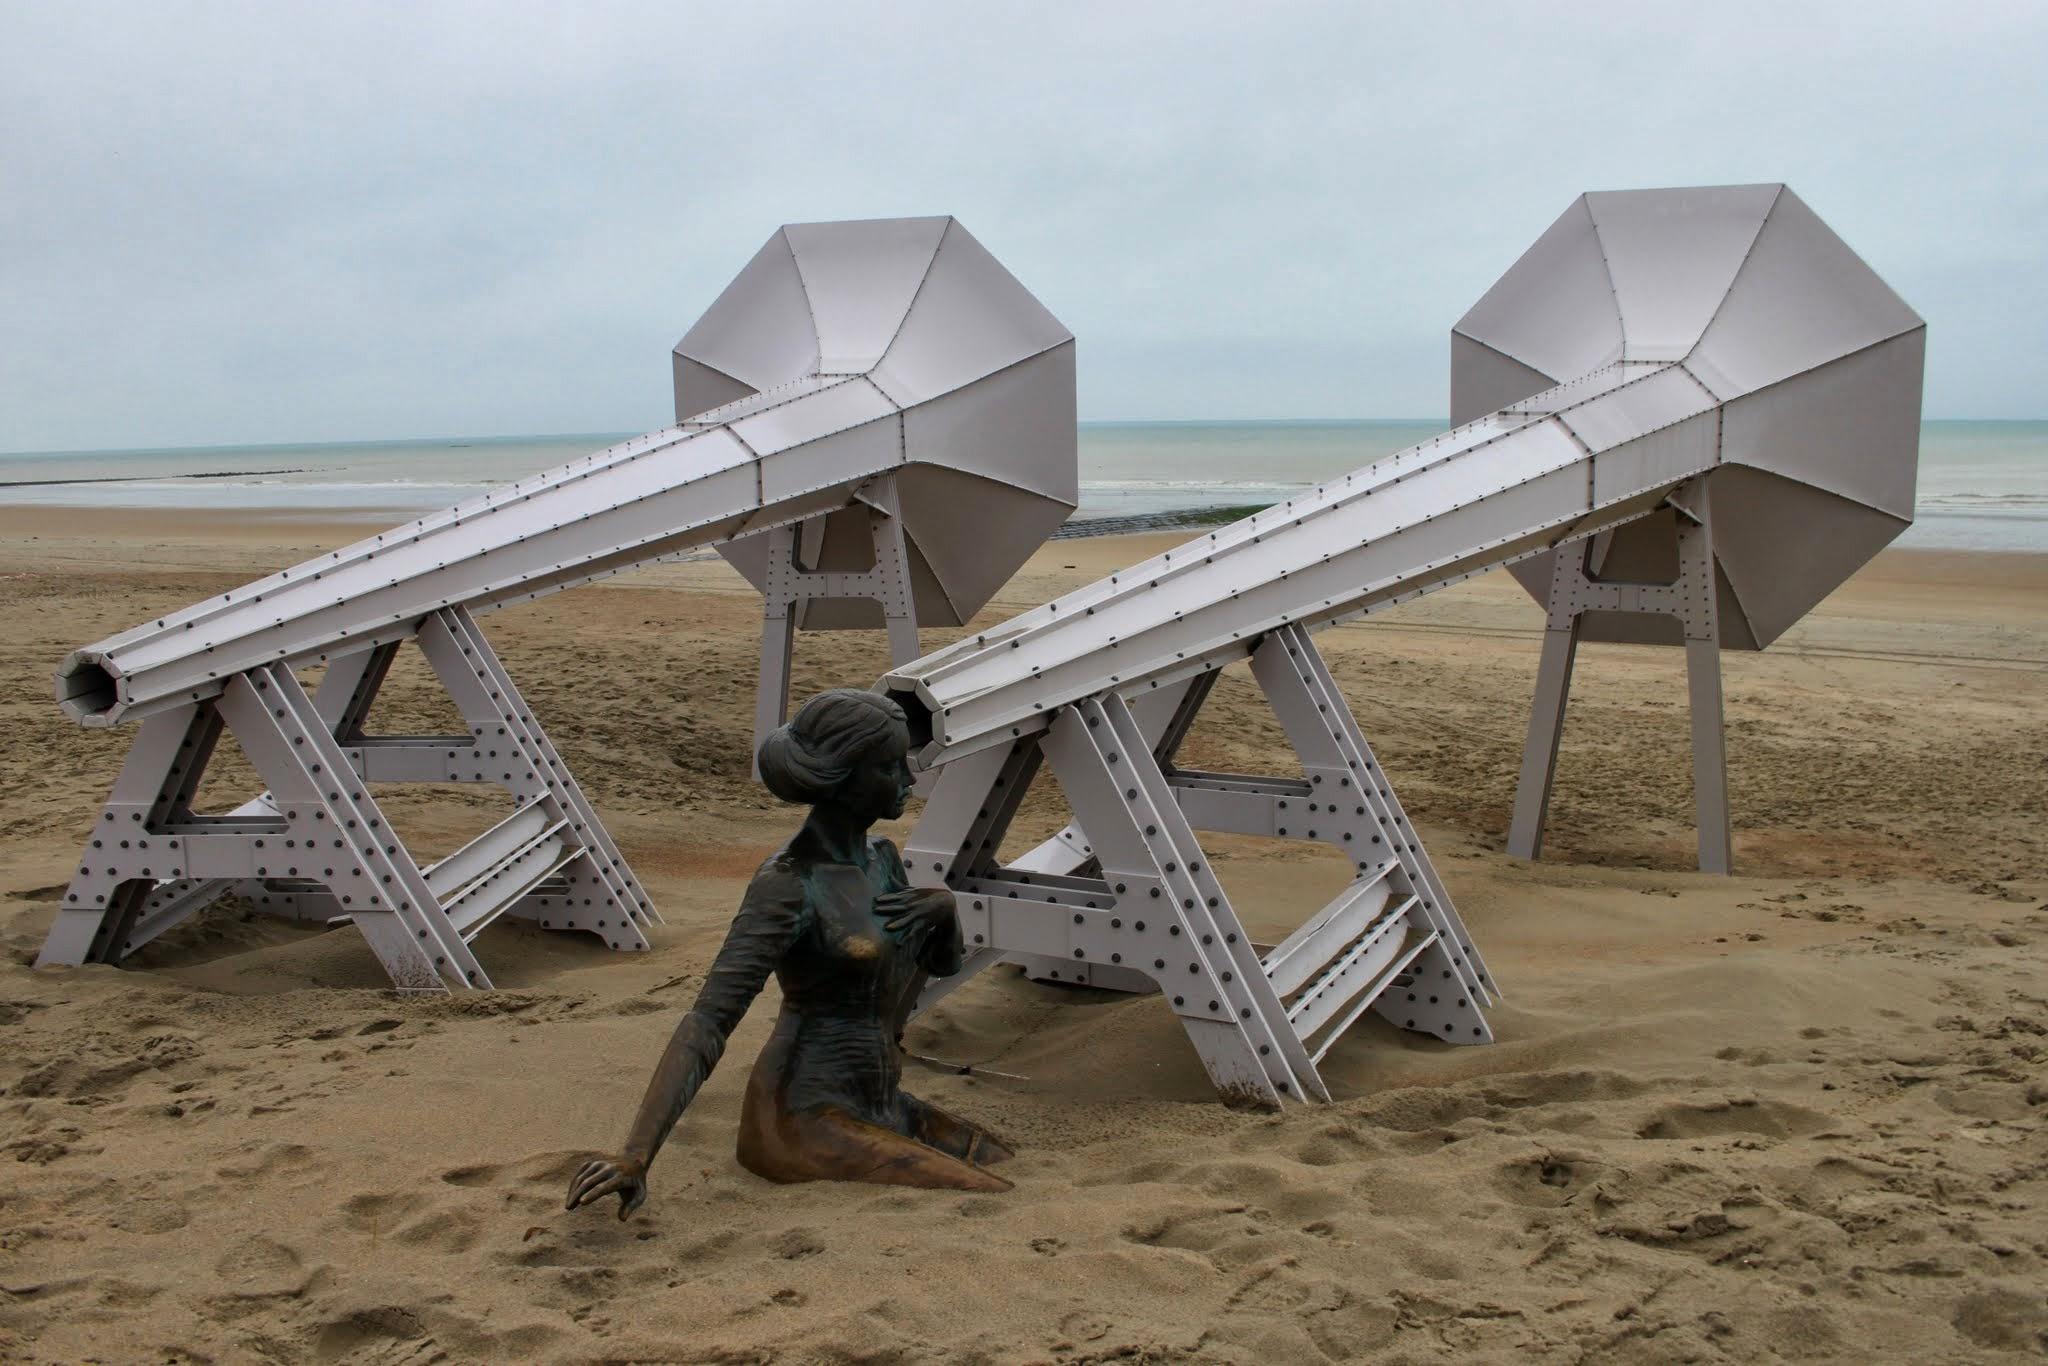 """Photo: """" I Can Hear It """" bestaat uit twee hoorns (gelijkend op oude grammofoons), gericht naar de zee. Op een bank voor de hoorns zit een vrouw die haar oor te luisteren legt.Kunstwerk van Ivars Drulle."""